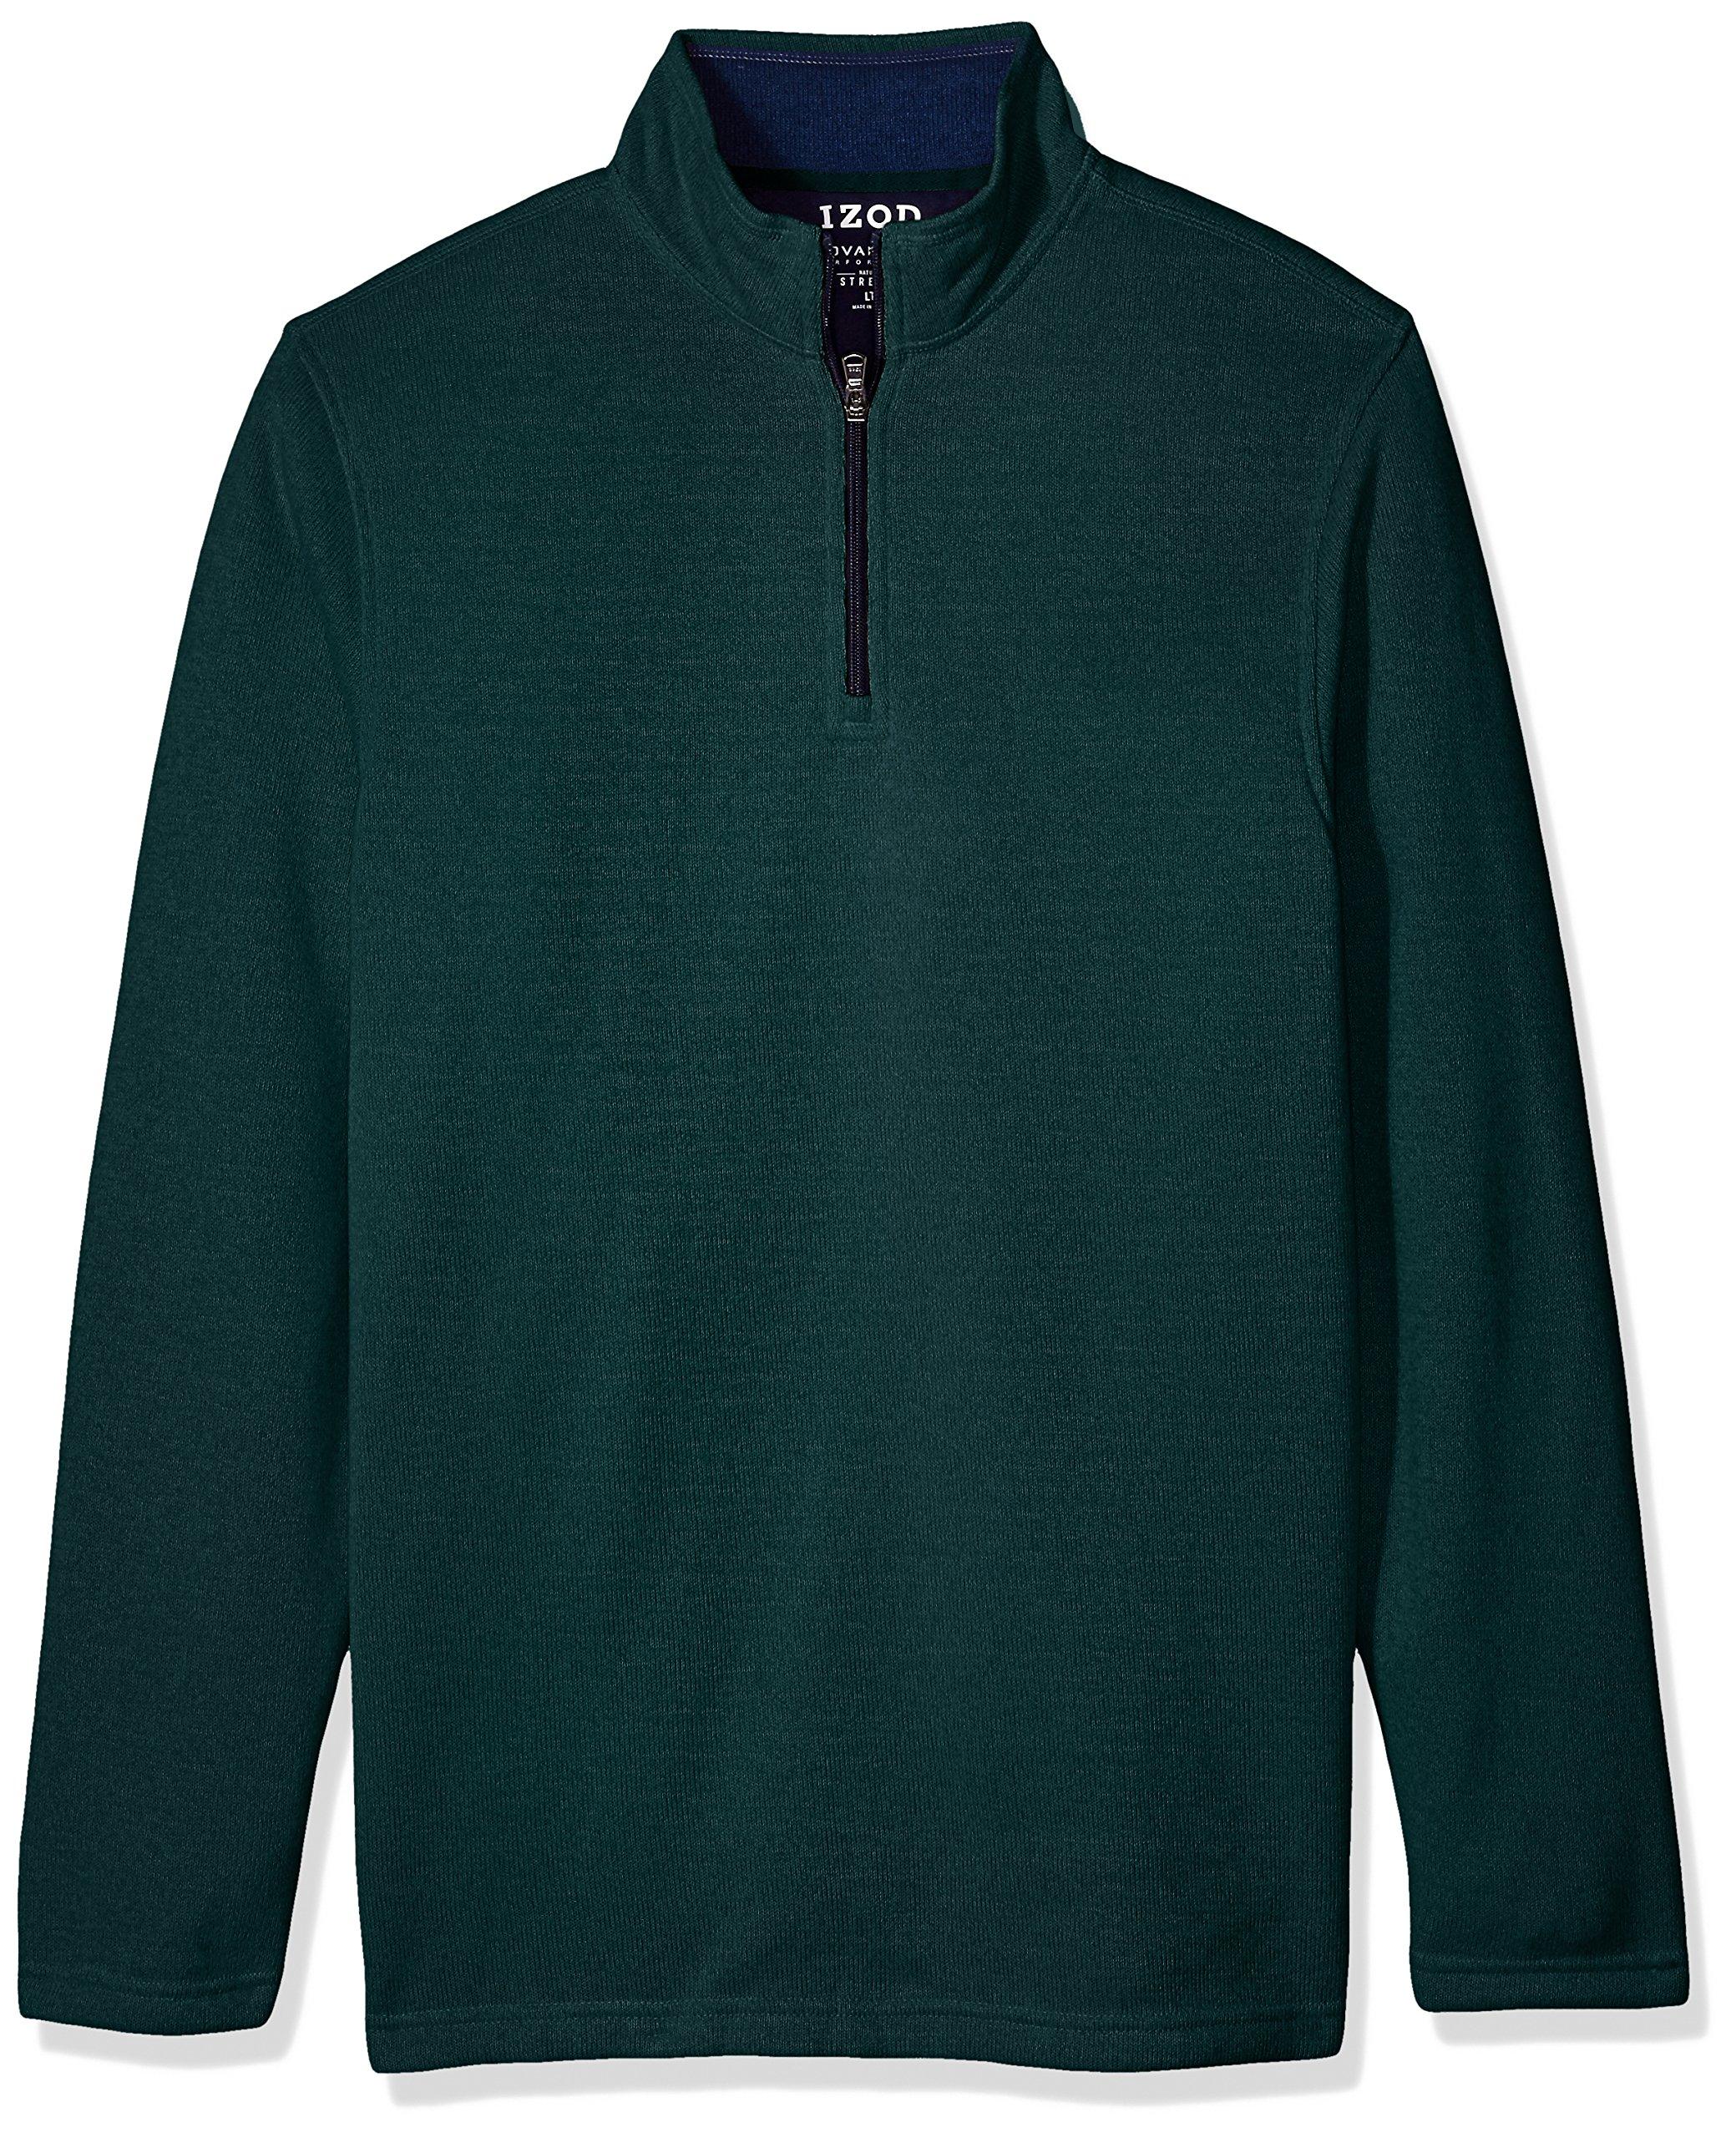 IZOD Men's Tall Saltwater Solid 1/4 Zip Sweater, June Bug Heather, 4X-Large Big